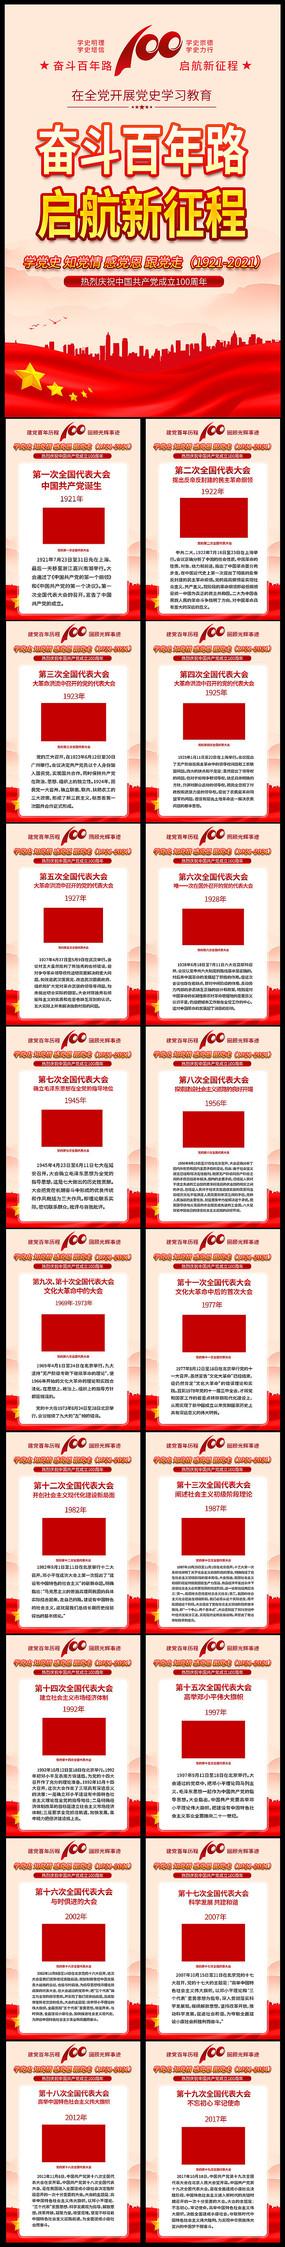 红色党的光辉历程展板